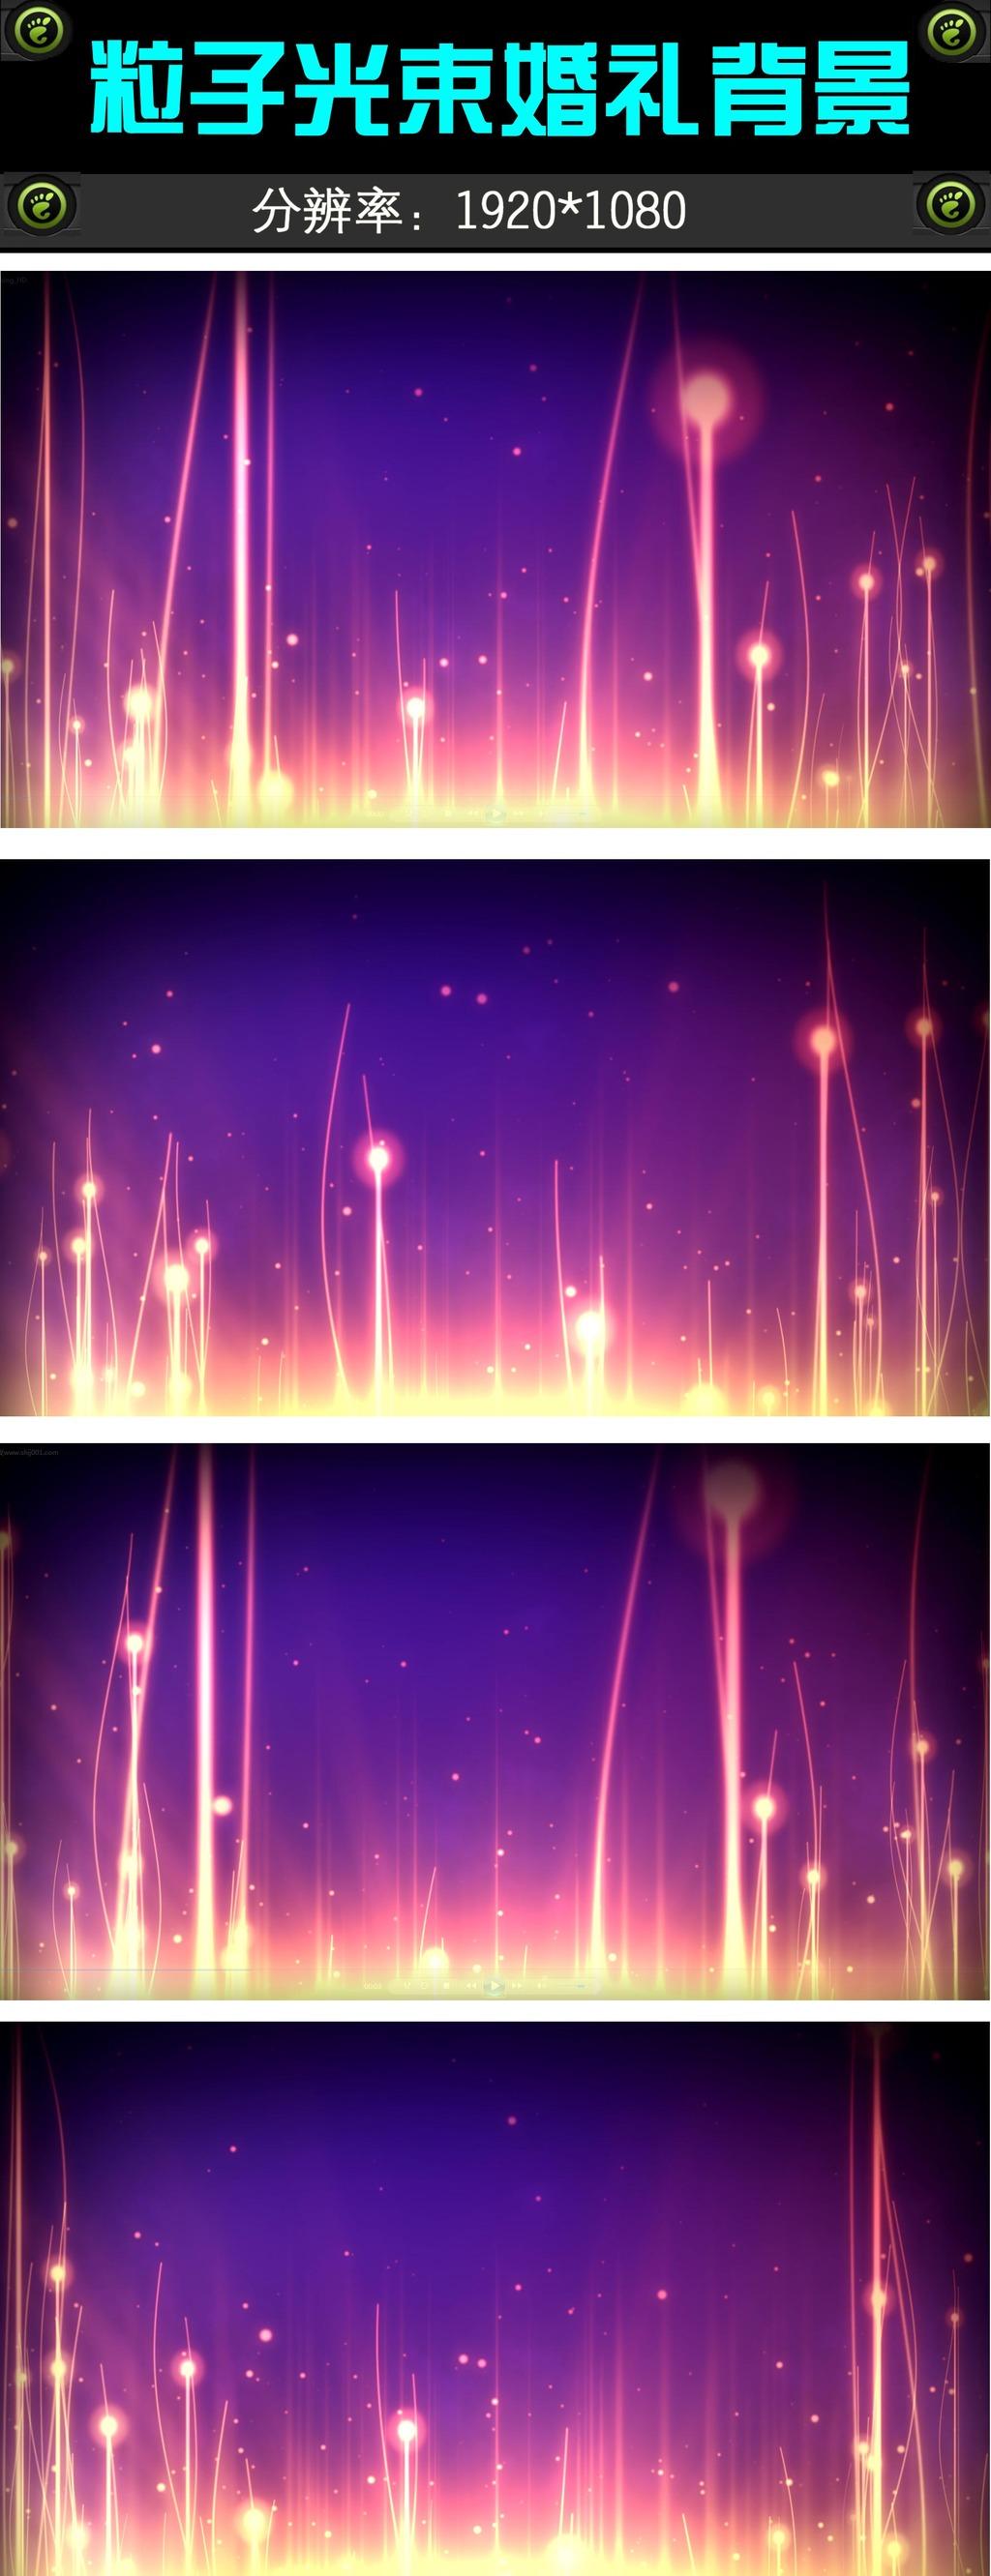 唯美视频光束粒子背景婚礼图片模板下载(视频奎因素材图片